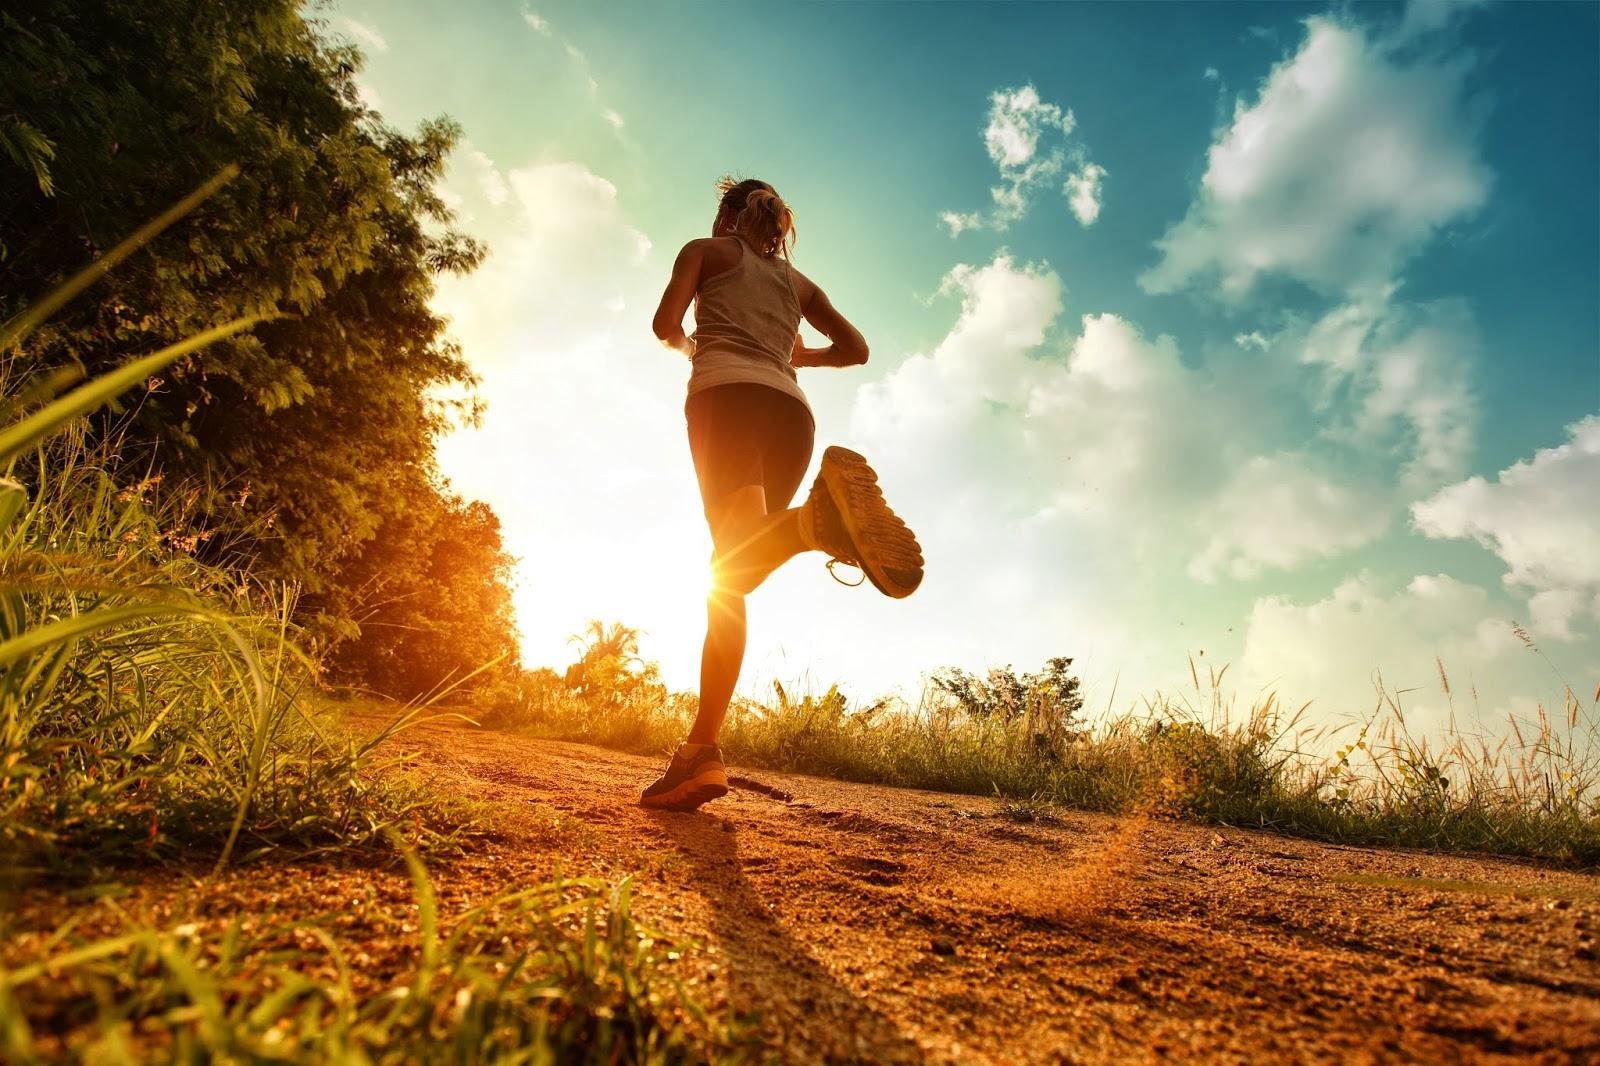 Ejercicio aeróbico, una ayuda para prevenir la obesidad